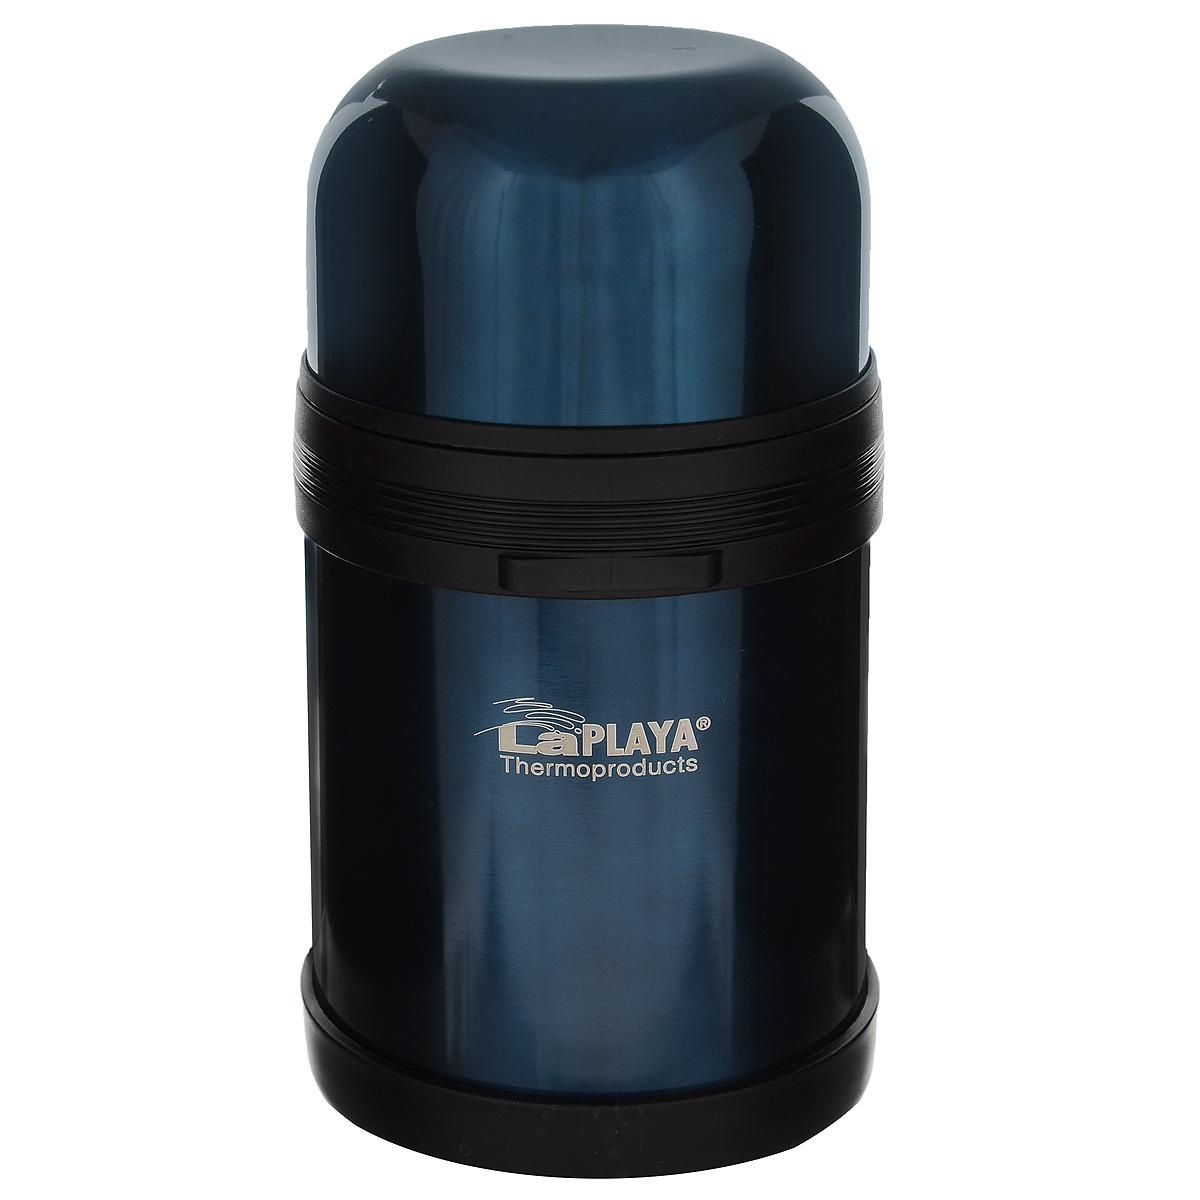 Термос LaPlaya Traditional, цвет: синий, 800 мл560042Термос LaPlaya Traditional оснащен двойными стенками с вакуумной изоляцией, которая позволяет сохранять напитки горячими и холодными длительное время. Легкий небьющийся корпус изготовлен из высококачественной нержавеющей стали. Широкая герметичная комбинированная пробка позволяет использовать термос для первых и вторых блюд при полном открывании и для напитков - при вывинчивании внутренней части. Изделие оснащено дополнительной пластиковой чашкой. Откидная ручка и съемный ремень позволяют удобно переносить термос.Термос LaPlaya Traditional идеален для вторых блюд, супов и напитков.Диаметр горлышка: 7,5 см.Высота термоса: 20 см.